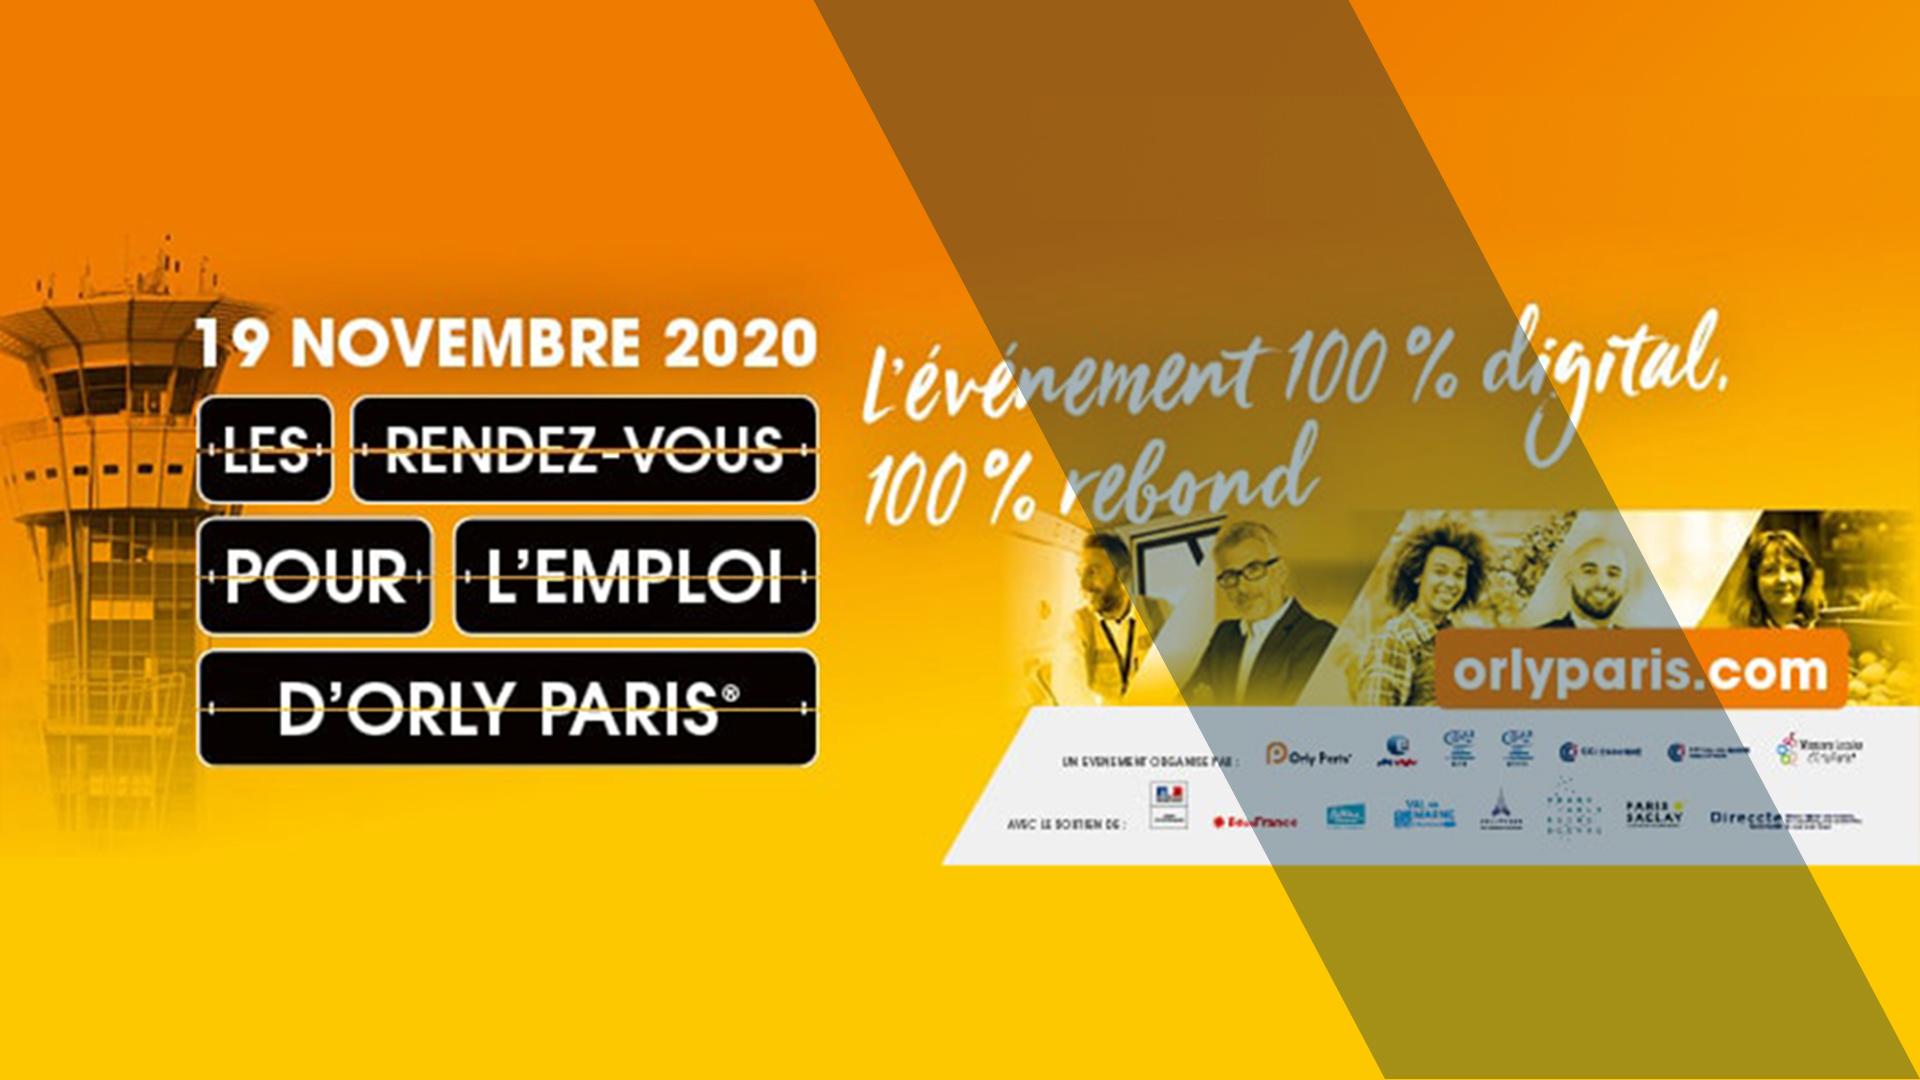 9e RDV pour l'emploi Orly Paris en digital : c'est le moment de vous inscrire !